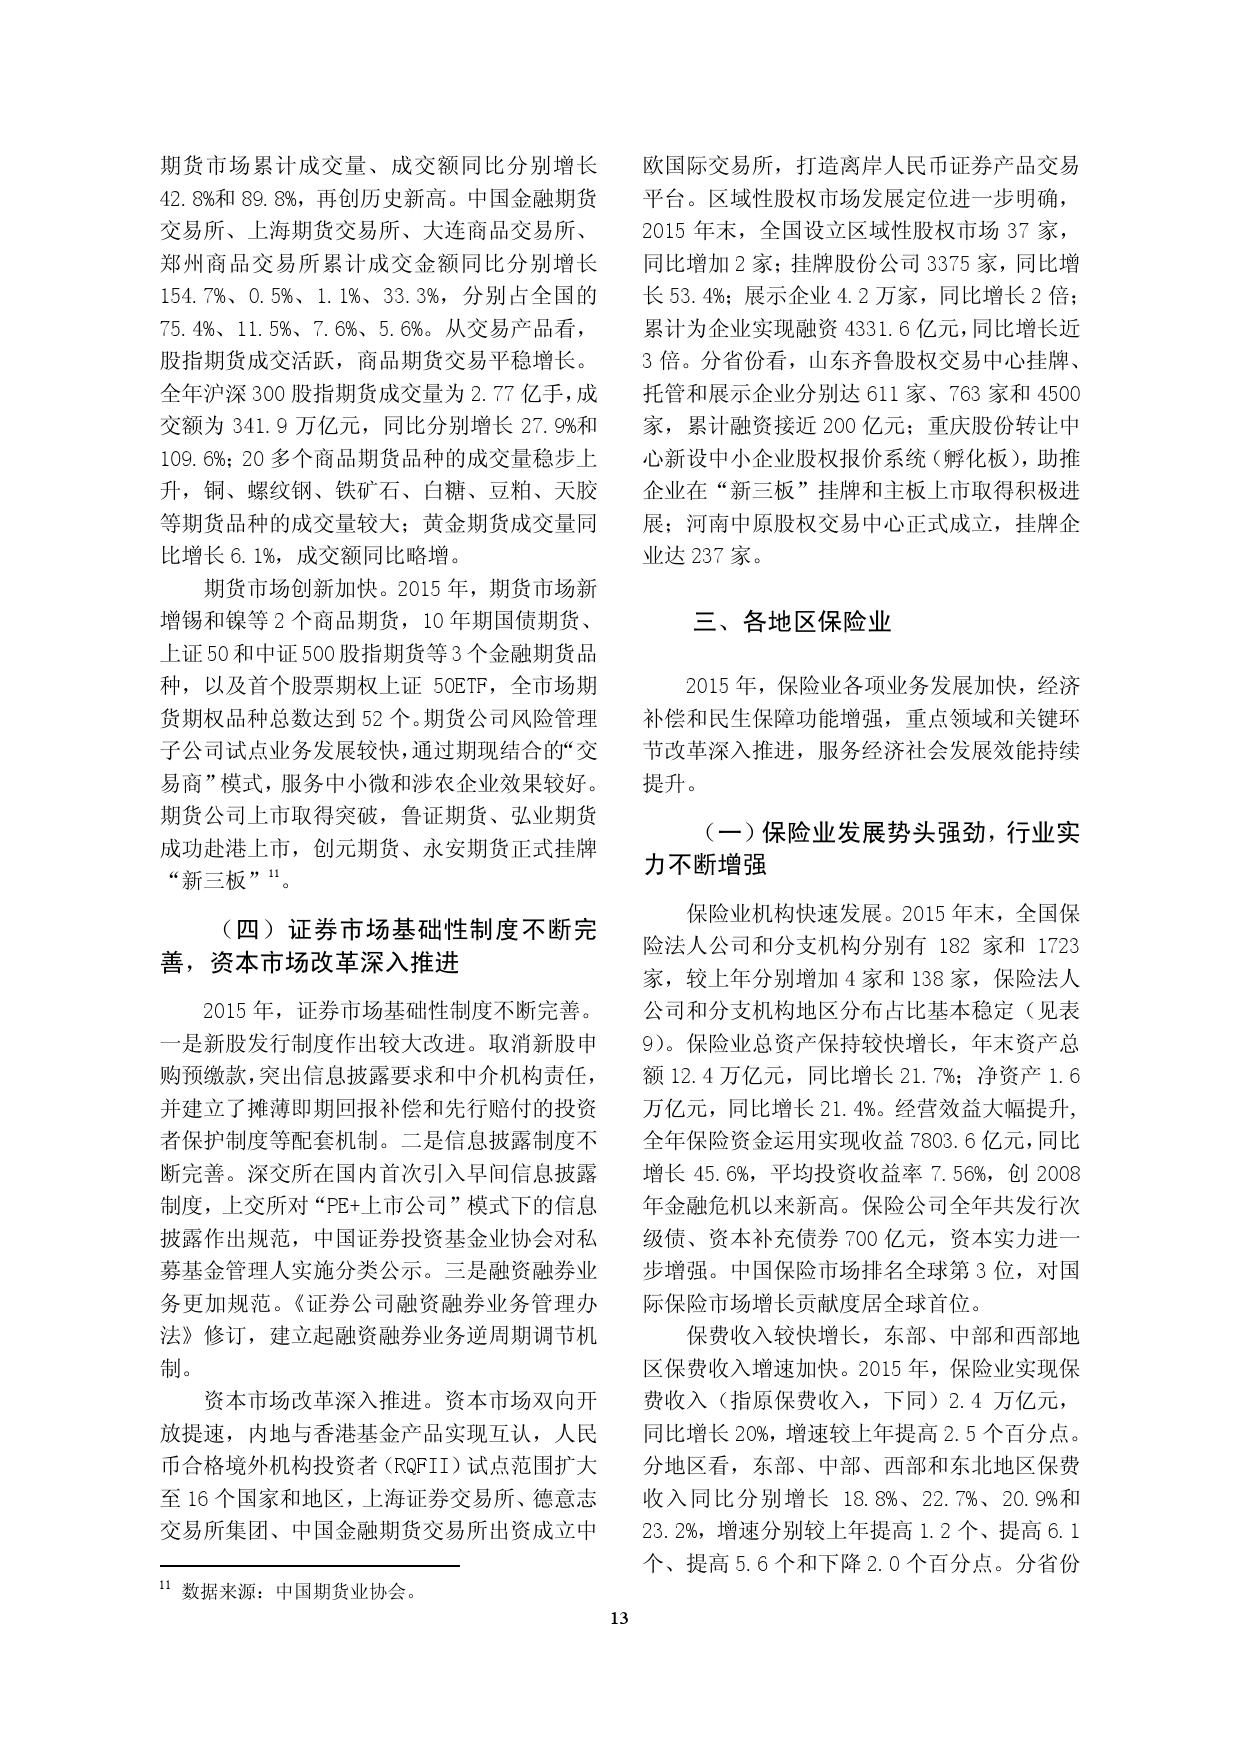 2015年中国区域金融运行报告_000016